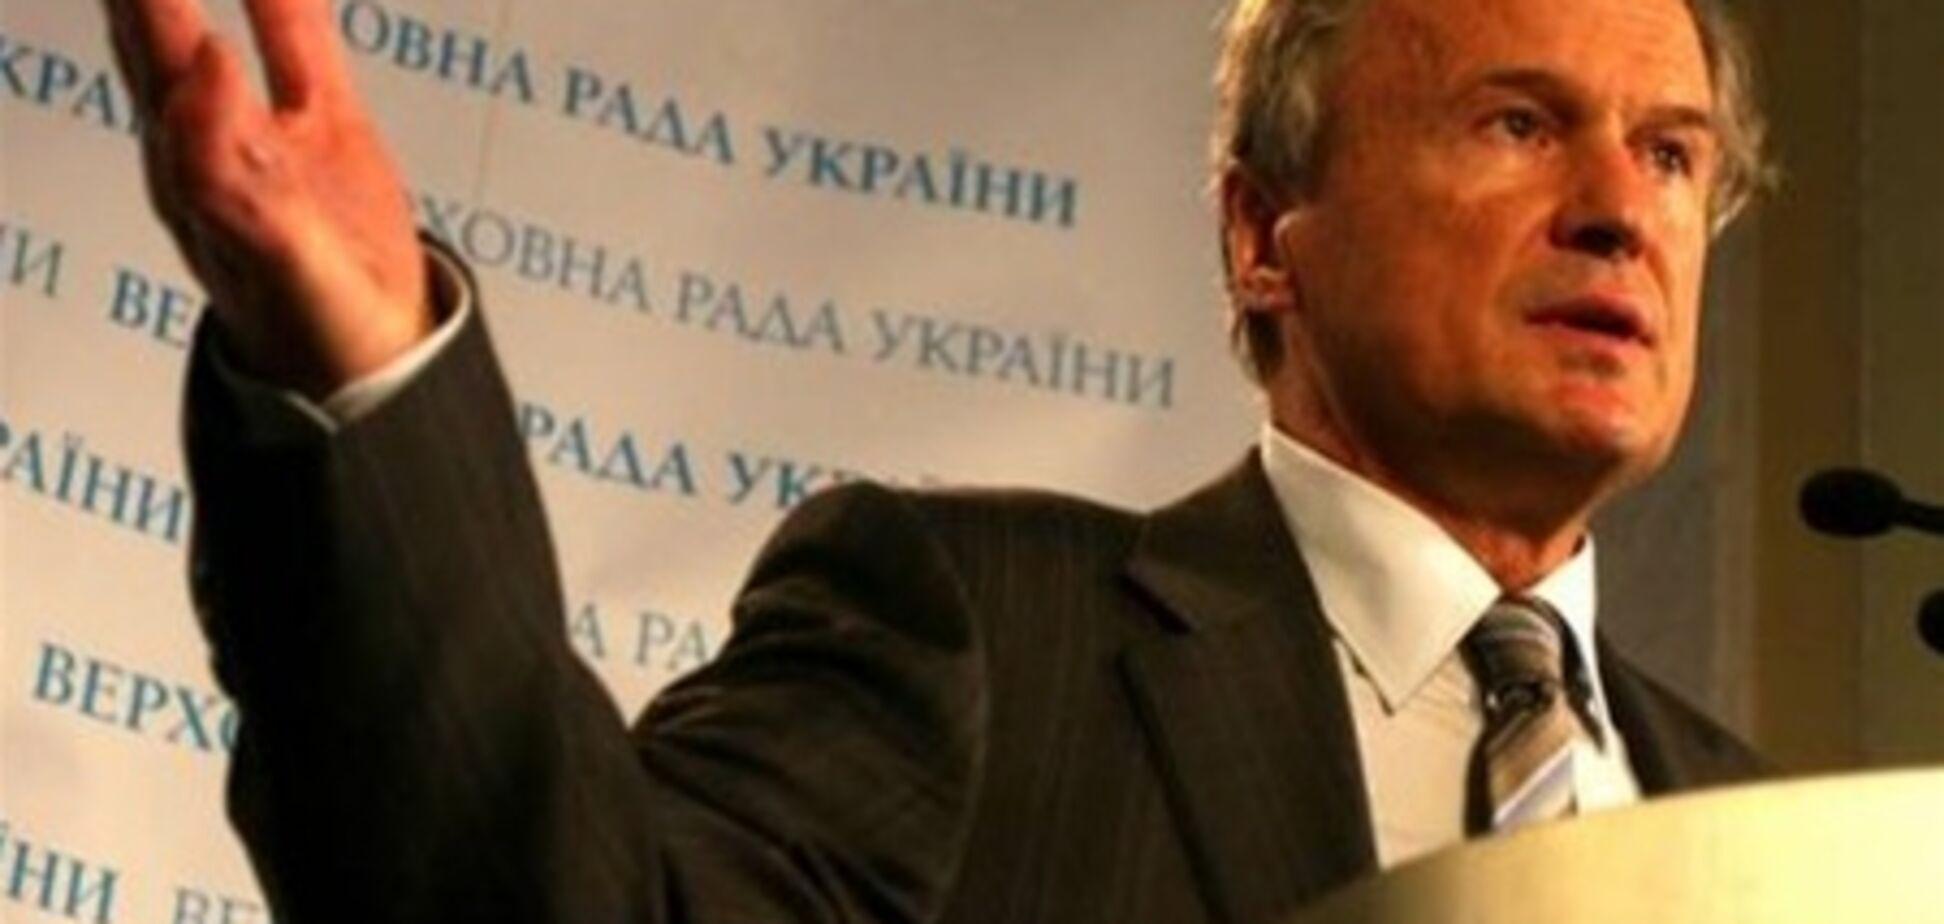 У НУ-НС лякають новими економічними війнами між Росією і Україною